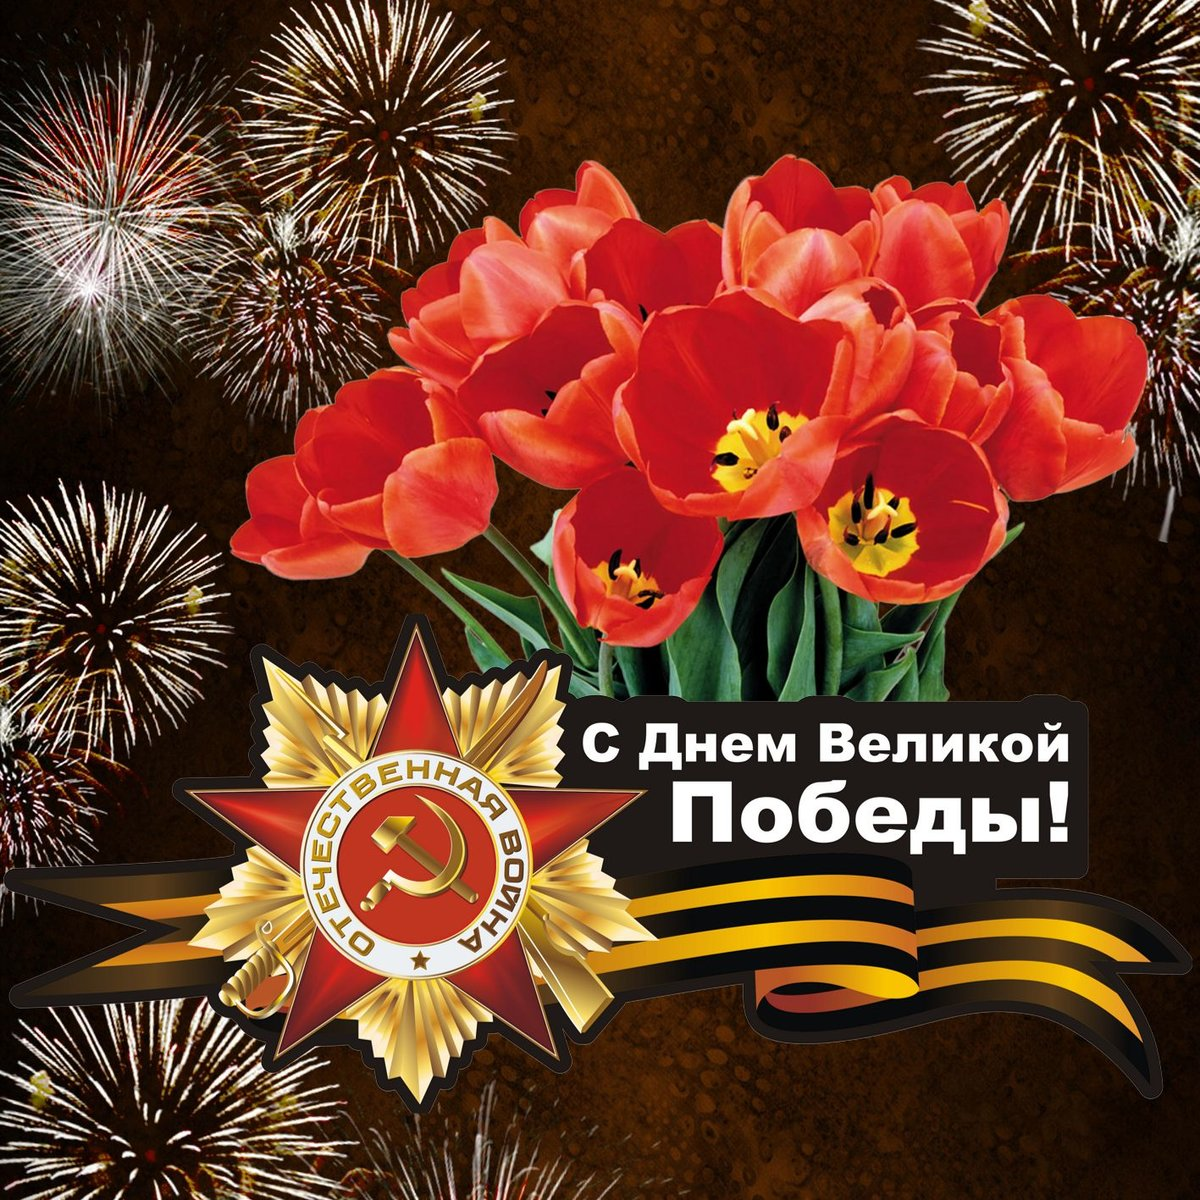 Прикольные картинки, фото с днем победы 9 мая открытки